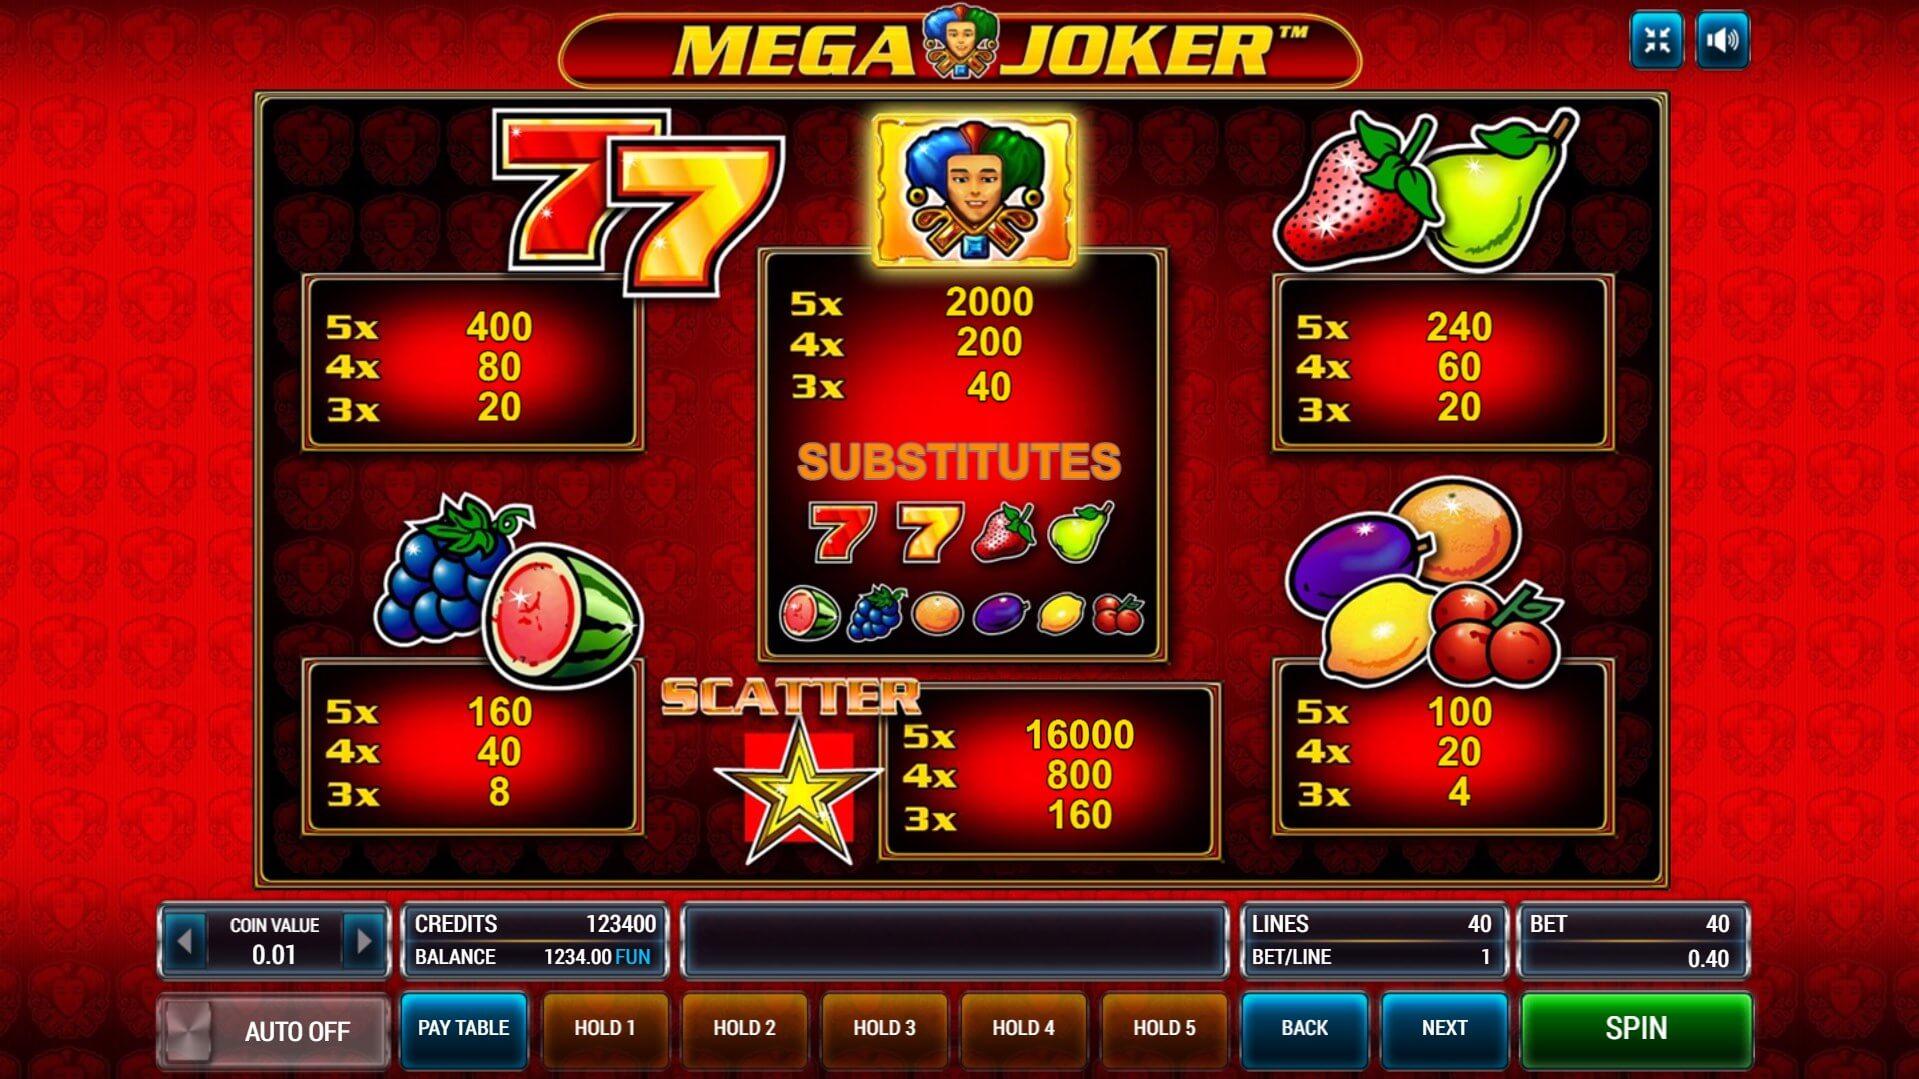 Изображение игрового автомата Mega Joker 1